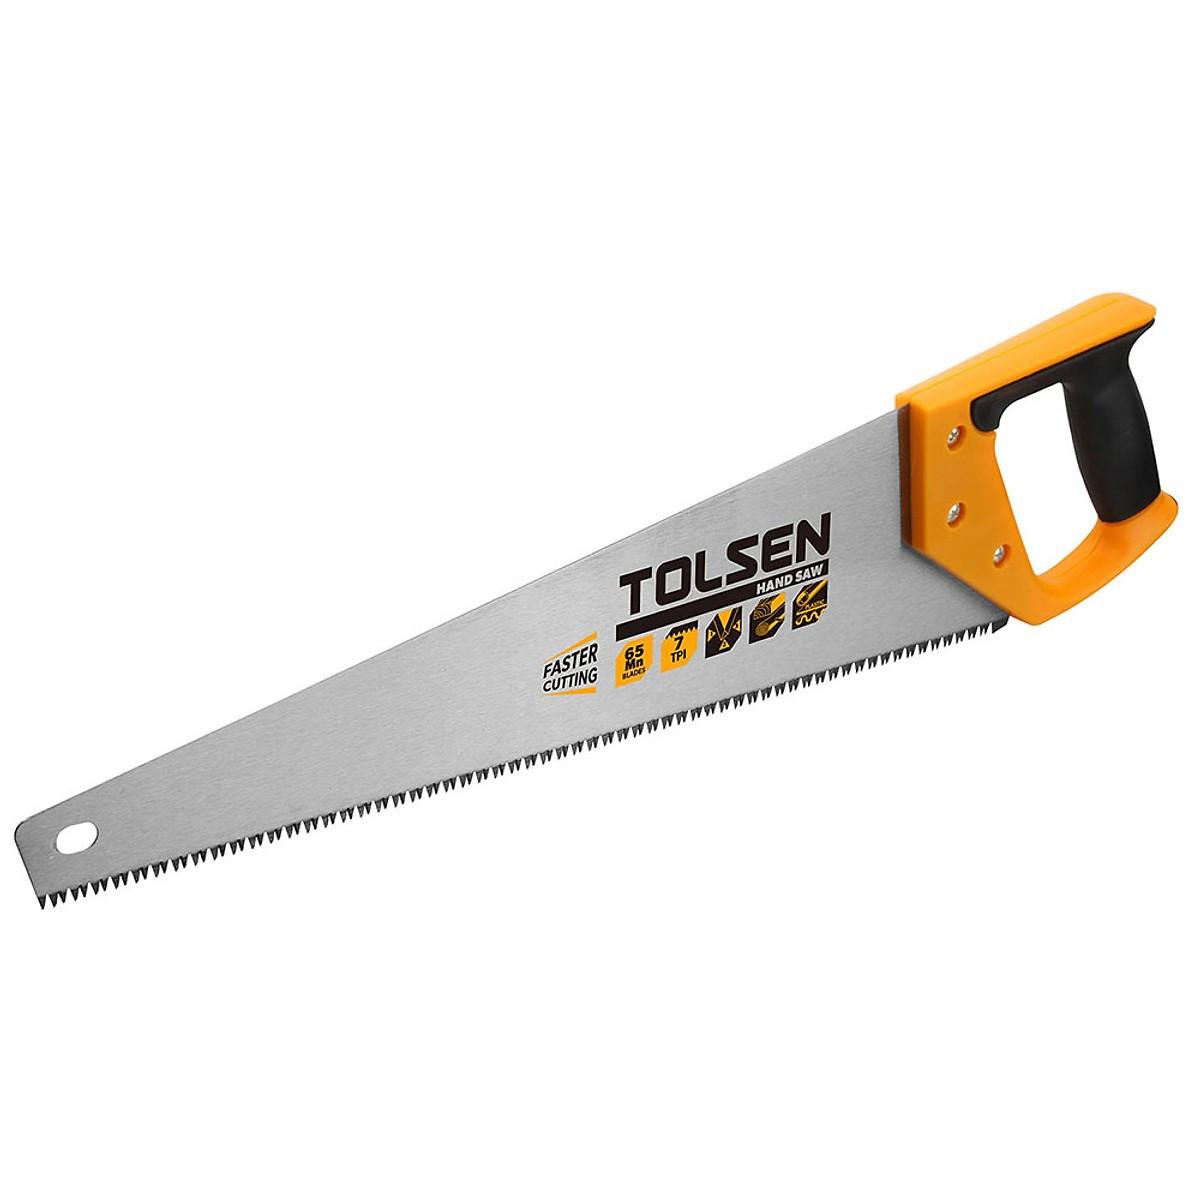 Ножівка по дереву Tolsen 400 мм 7TPI (31070)